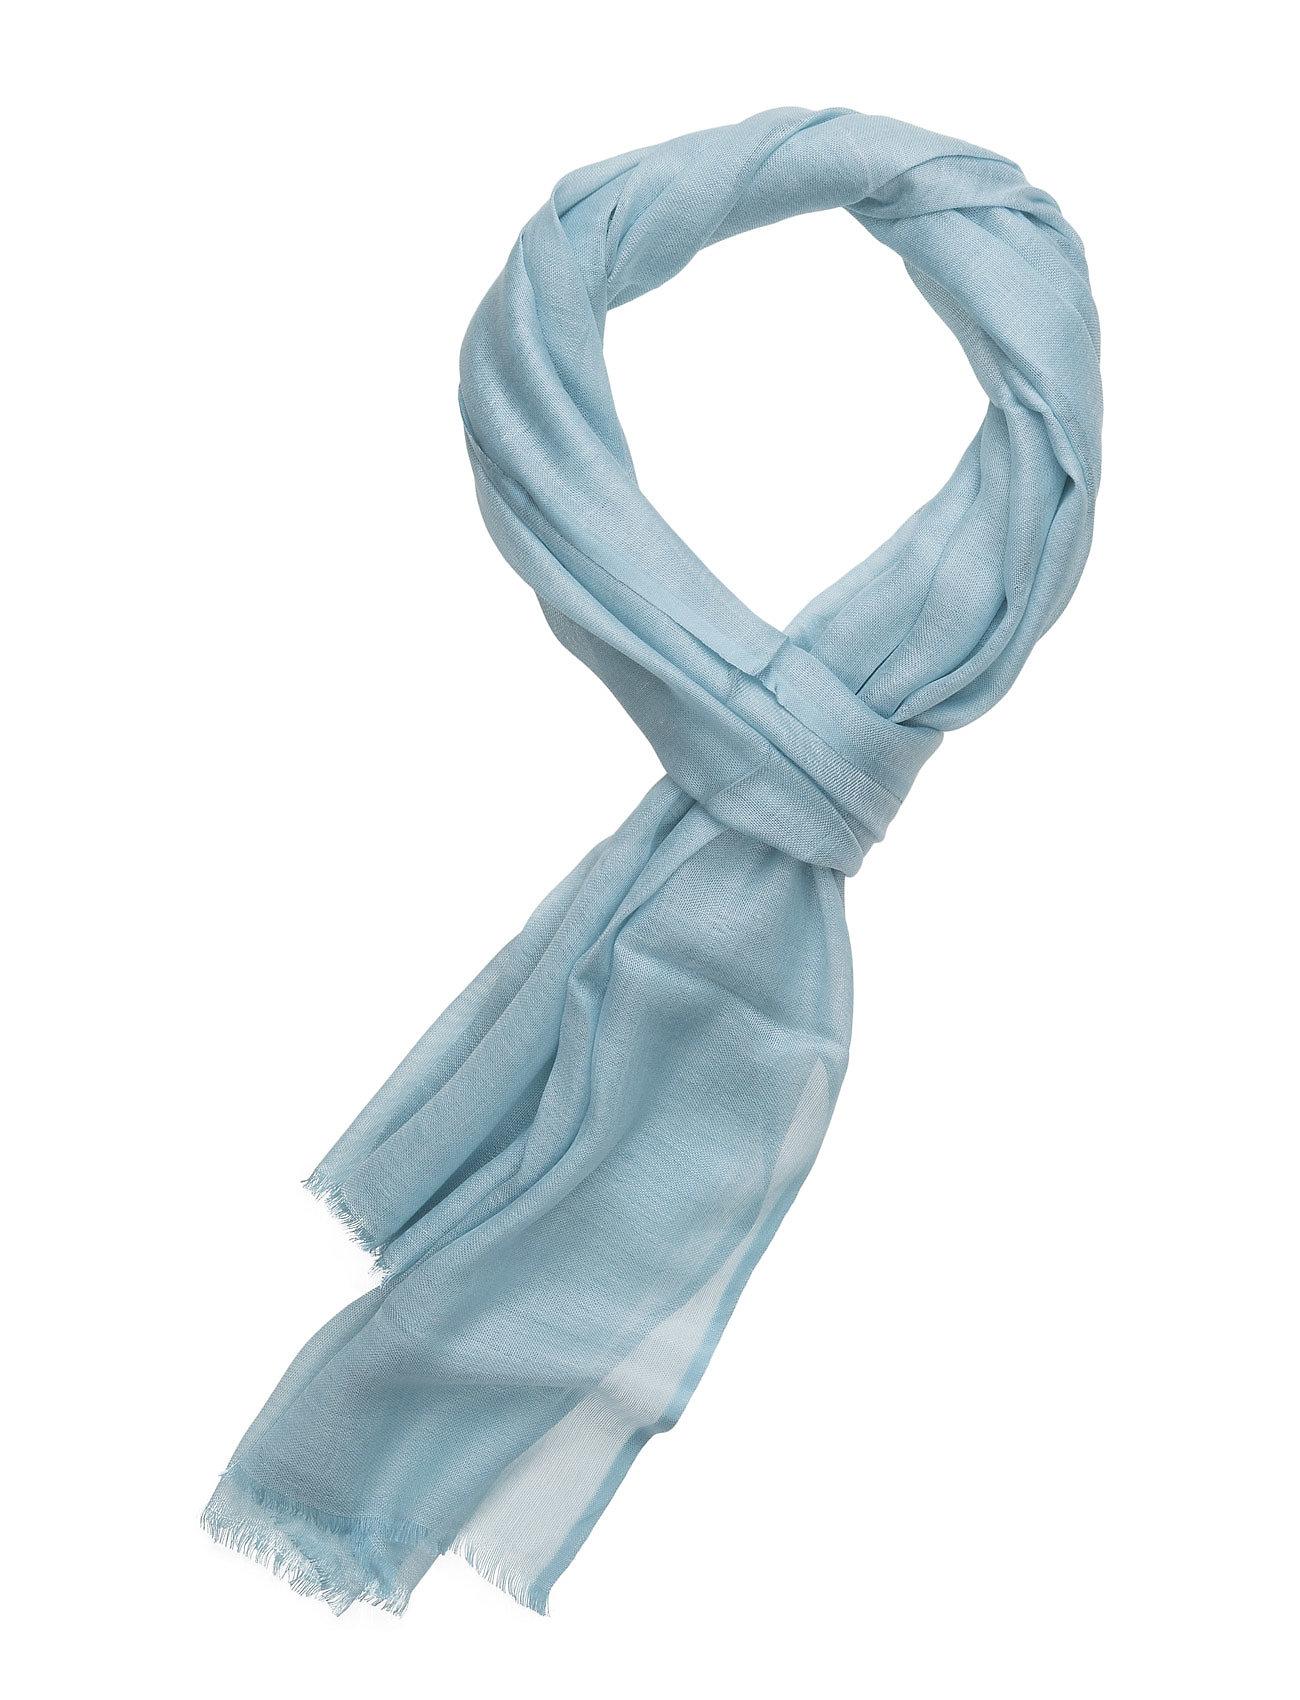 Scarf Plain, Light Blue ATLAS DESIGN Halstørklæder til Herrer i Lyseblå